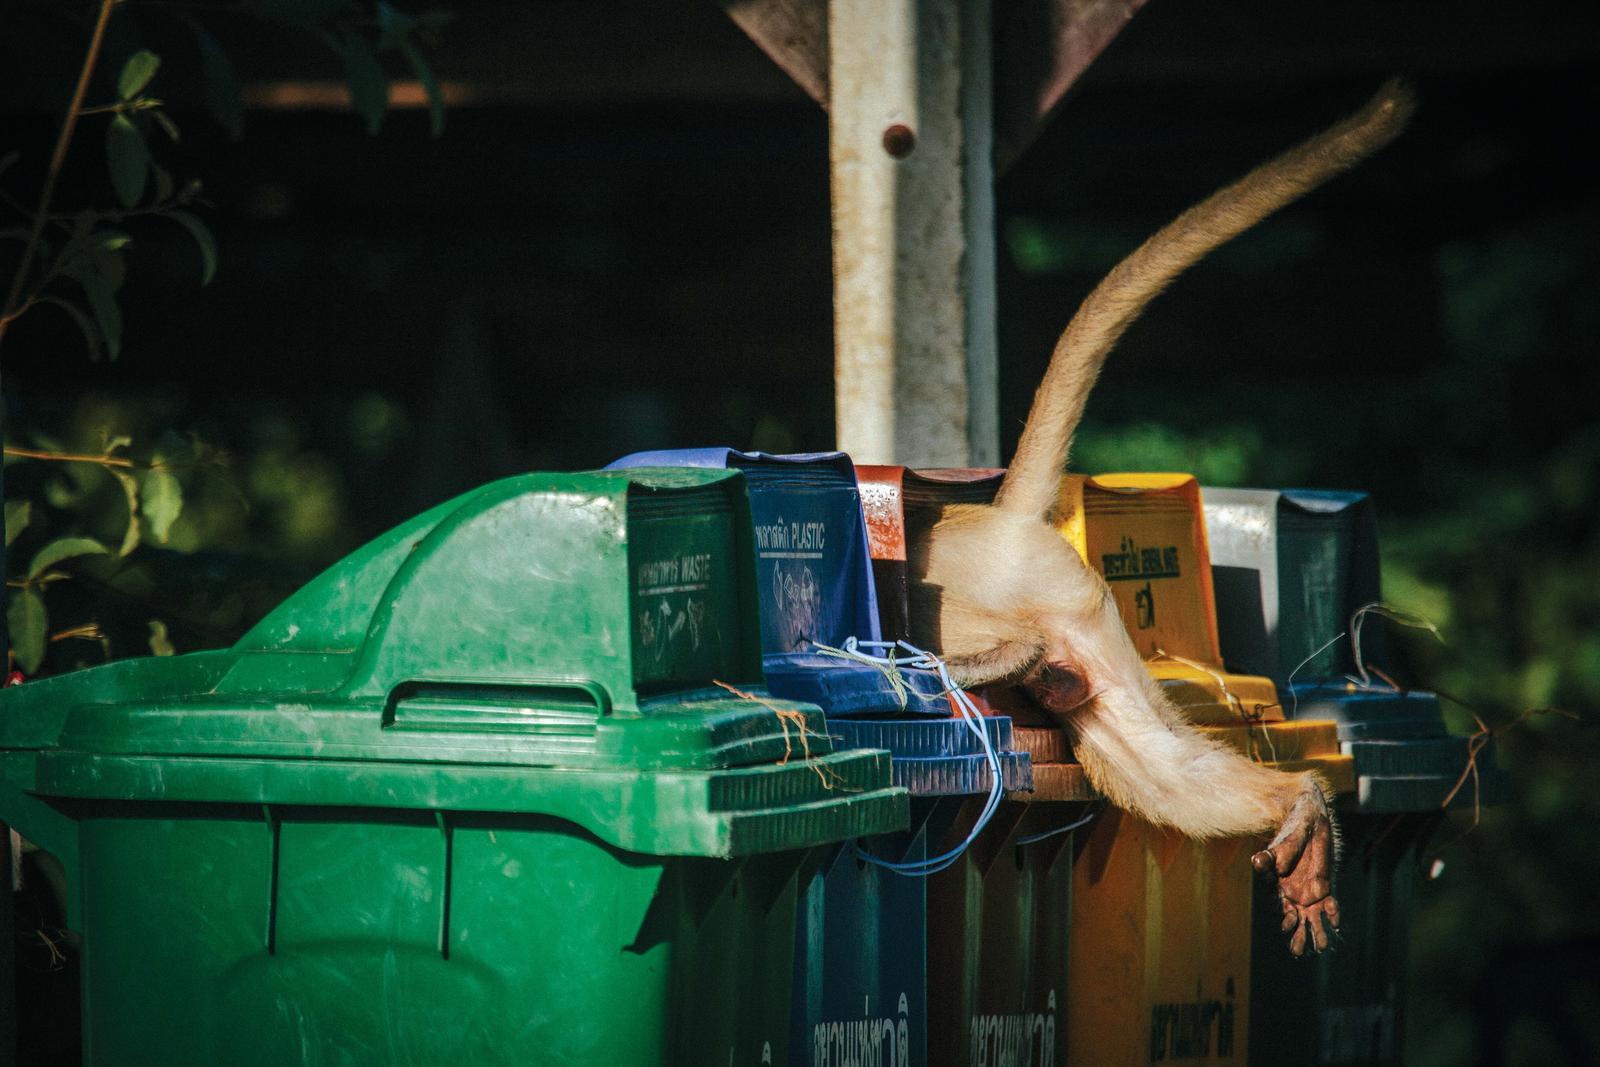 macaque in trash